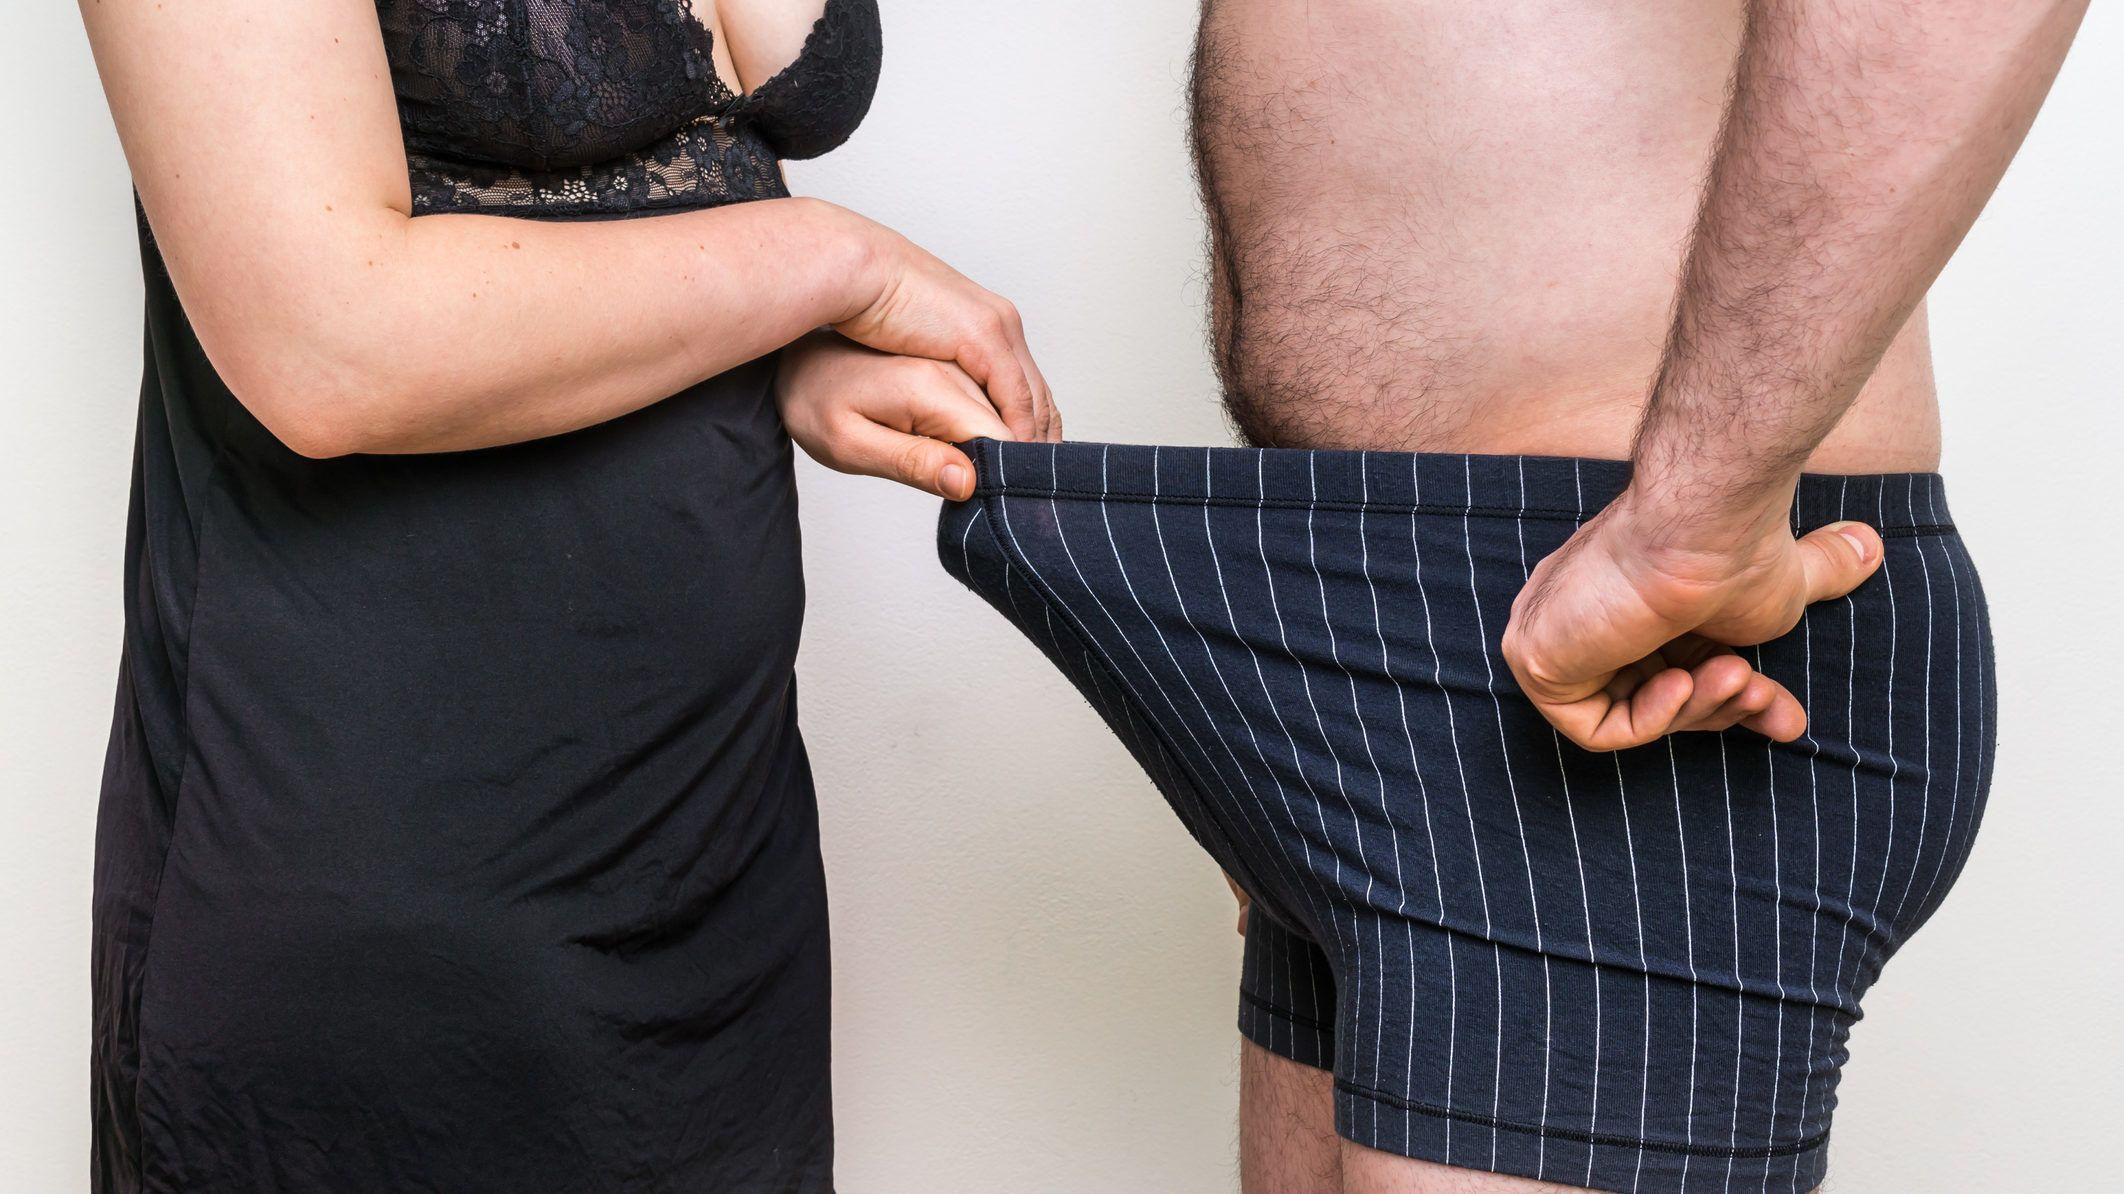 Fórum nincs erekcióm a pénisz rossz erekciójának oka az emberben